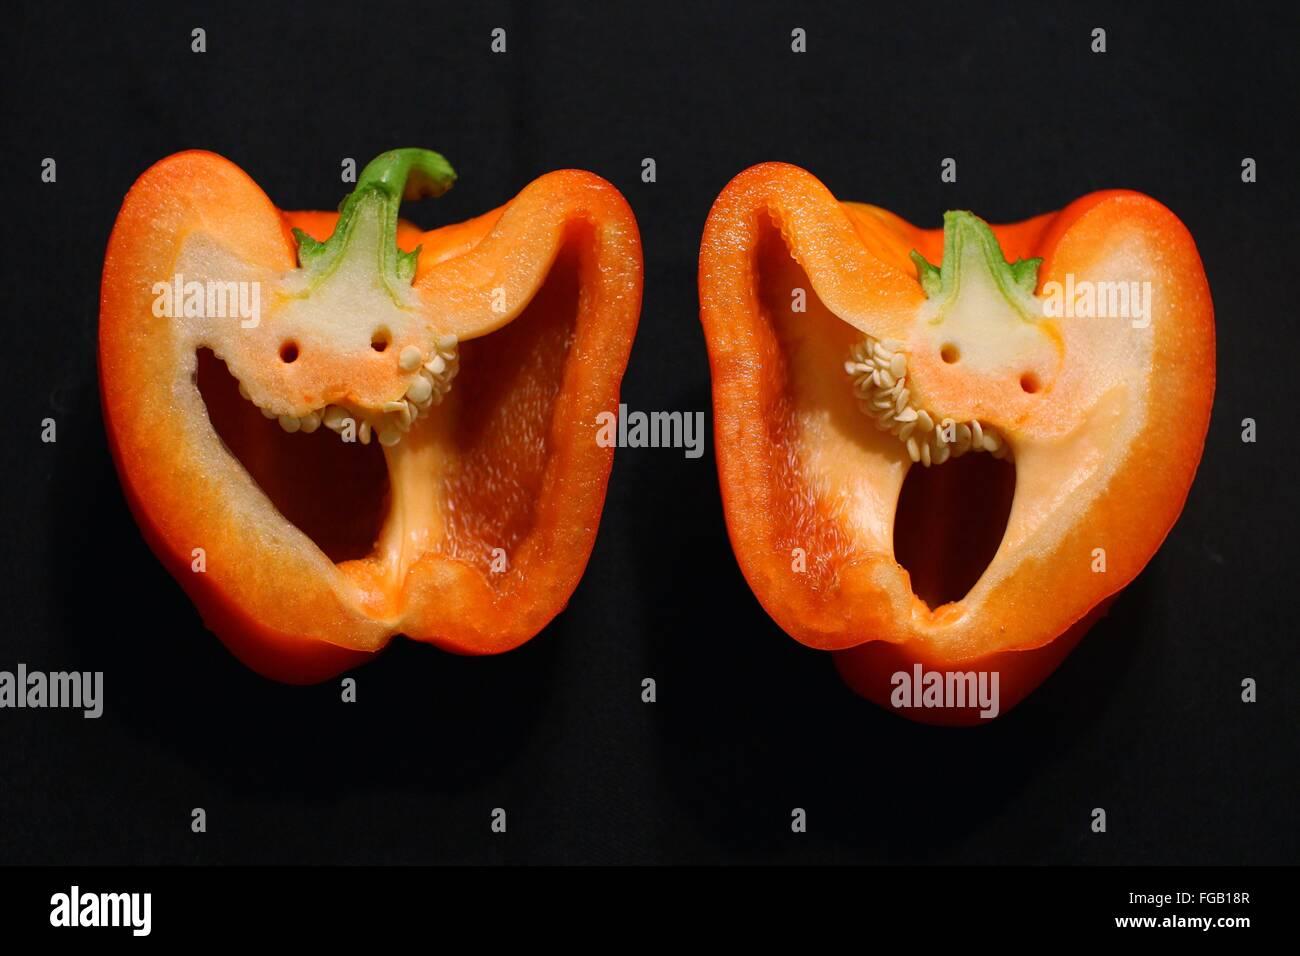 Couper les poivrons orange sur fond noir Photo Stock